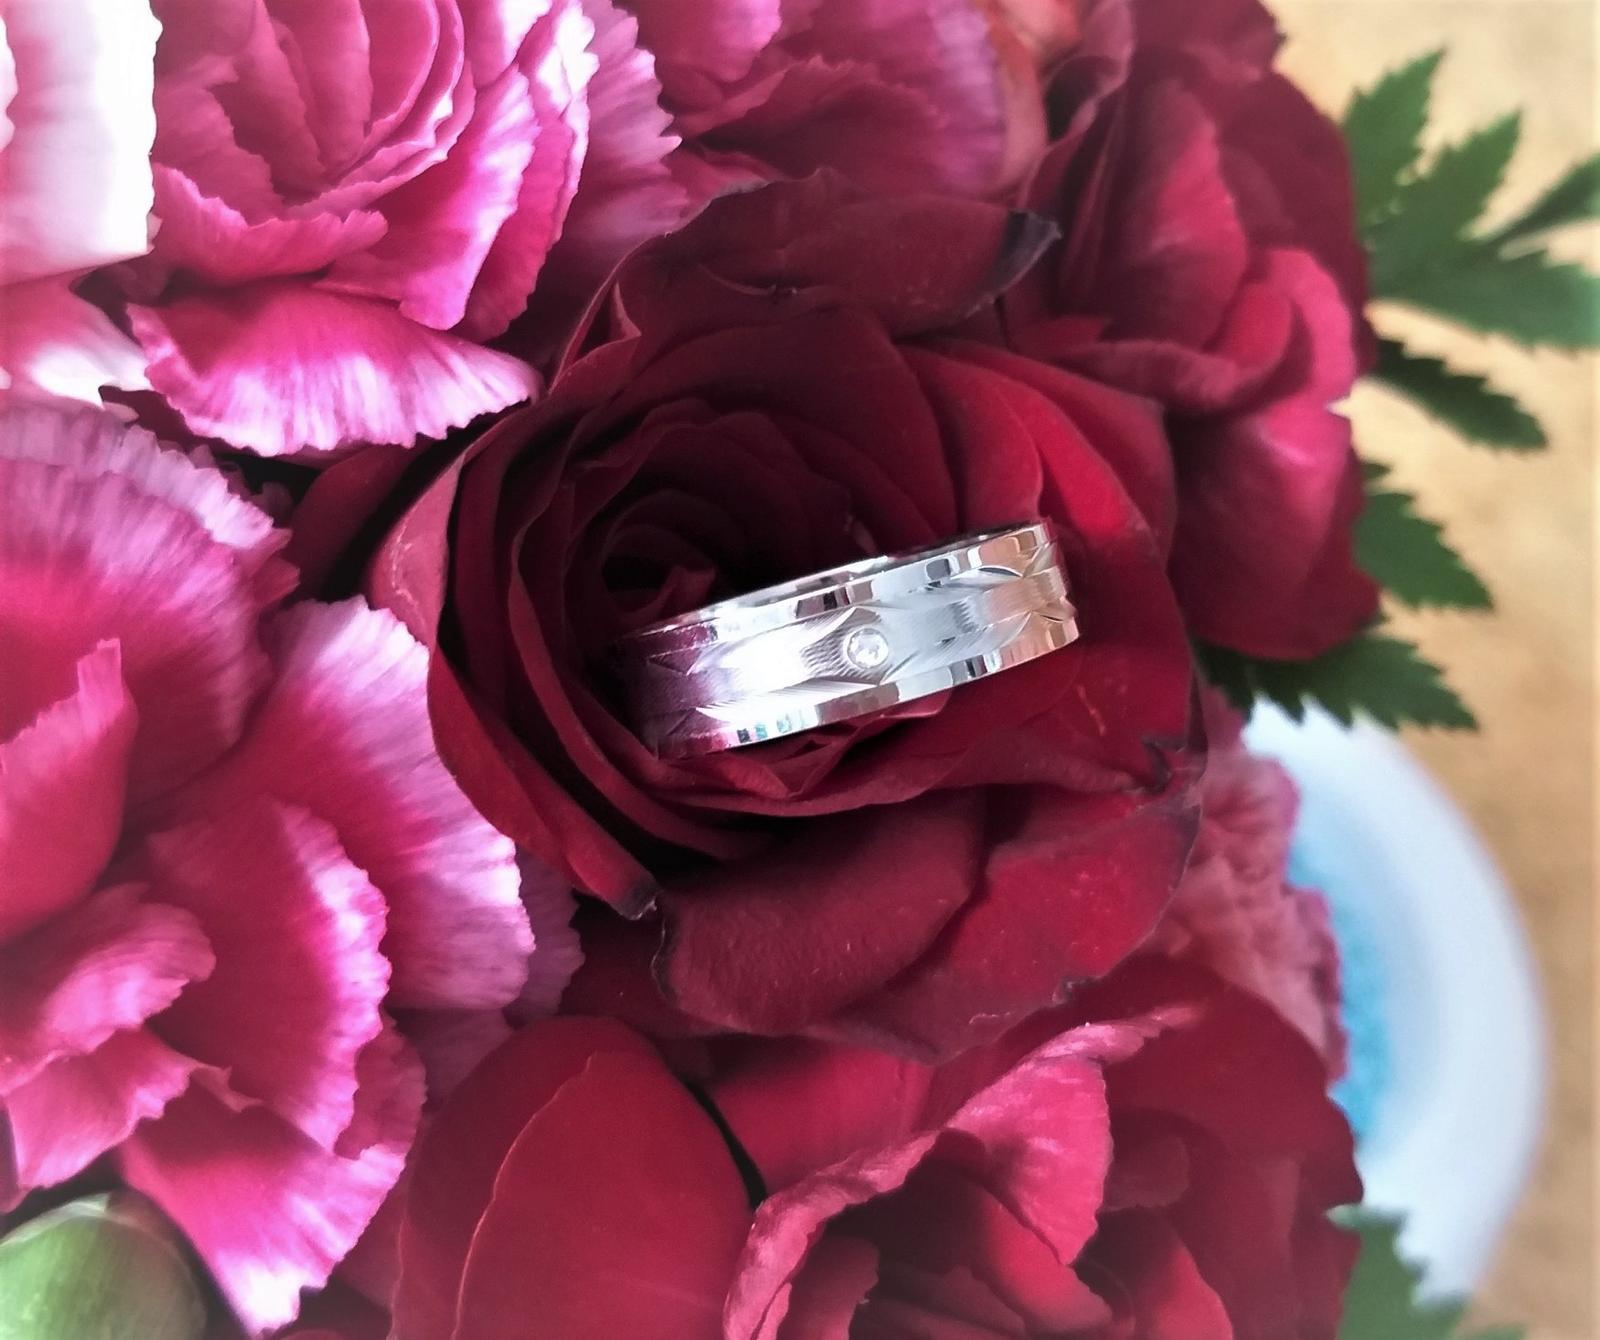 Nové modely snubních prstenů Benet - Obrázek č. 3